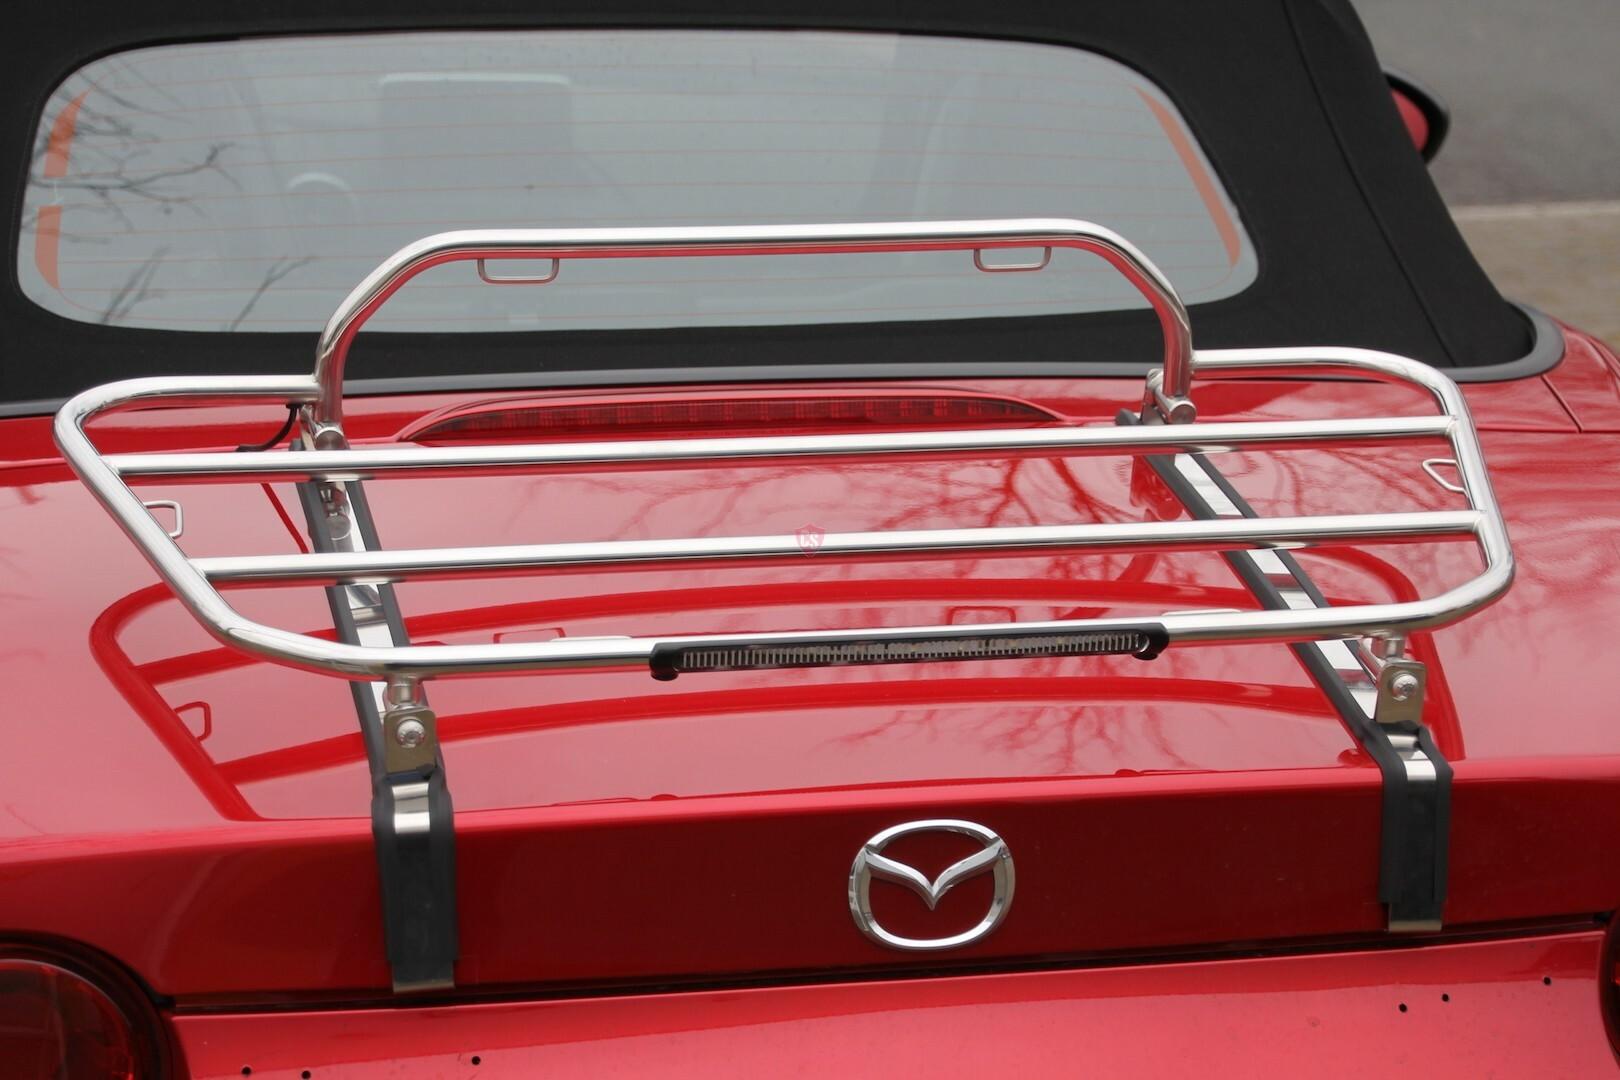 Mazda Mx 5 Nd Mk4 Roadster Luggage Rack 2015 Present